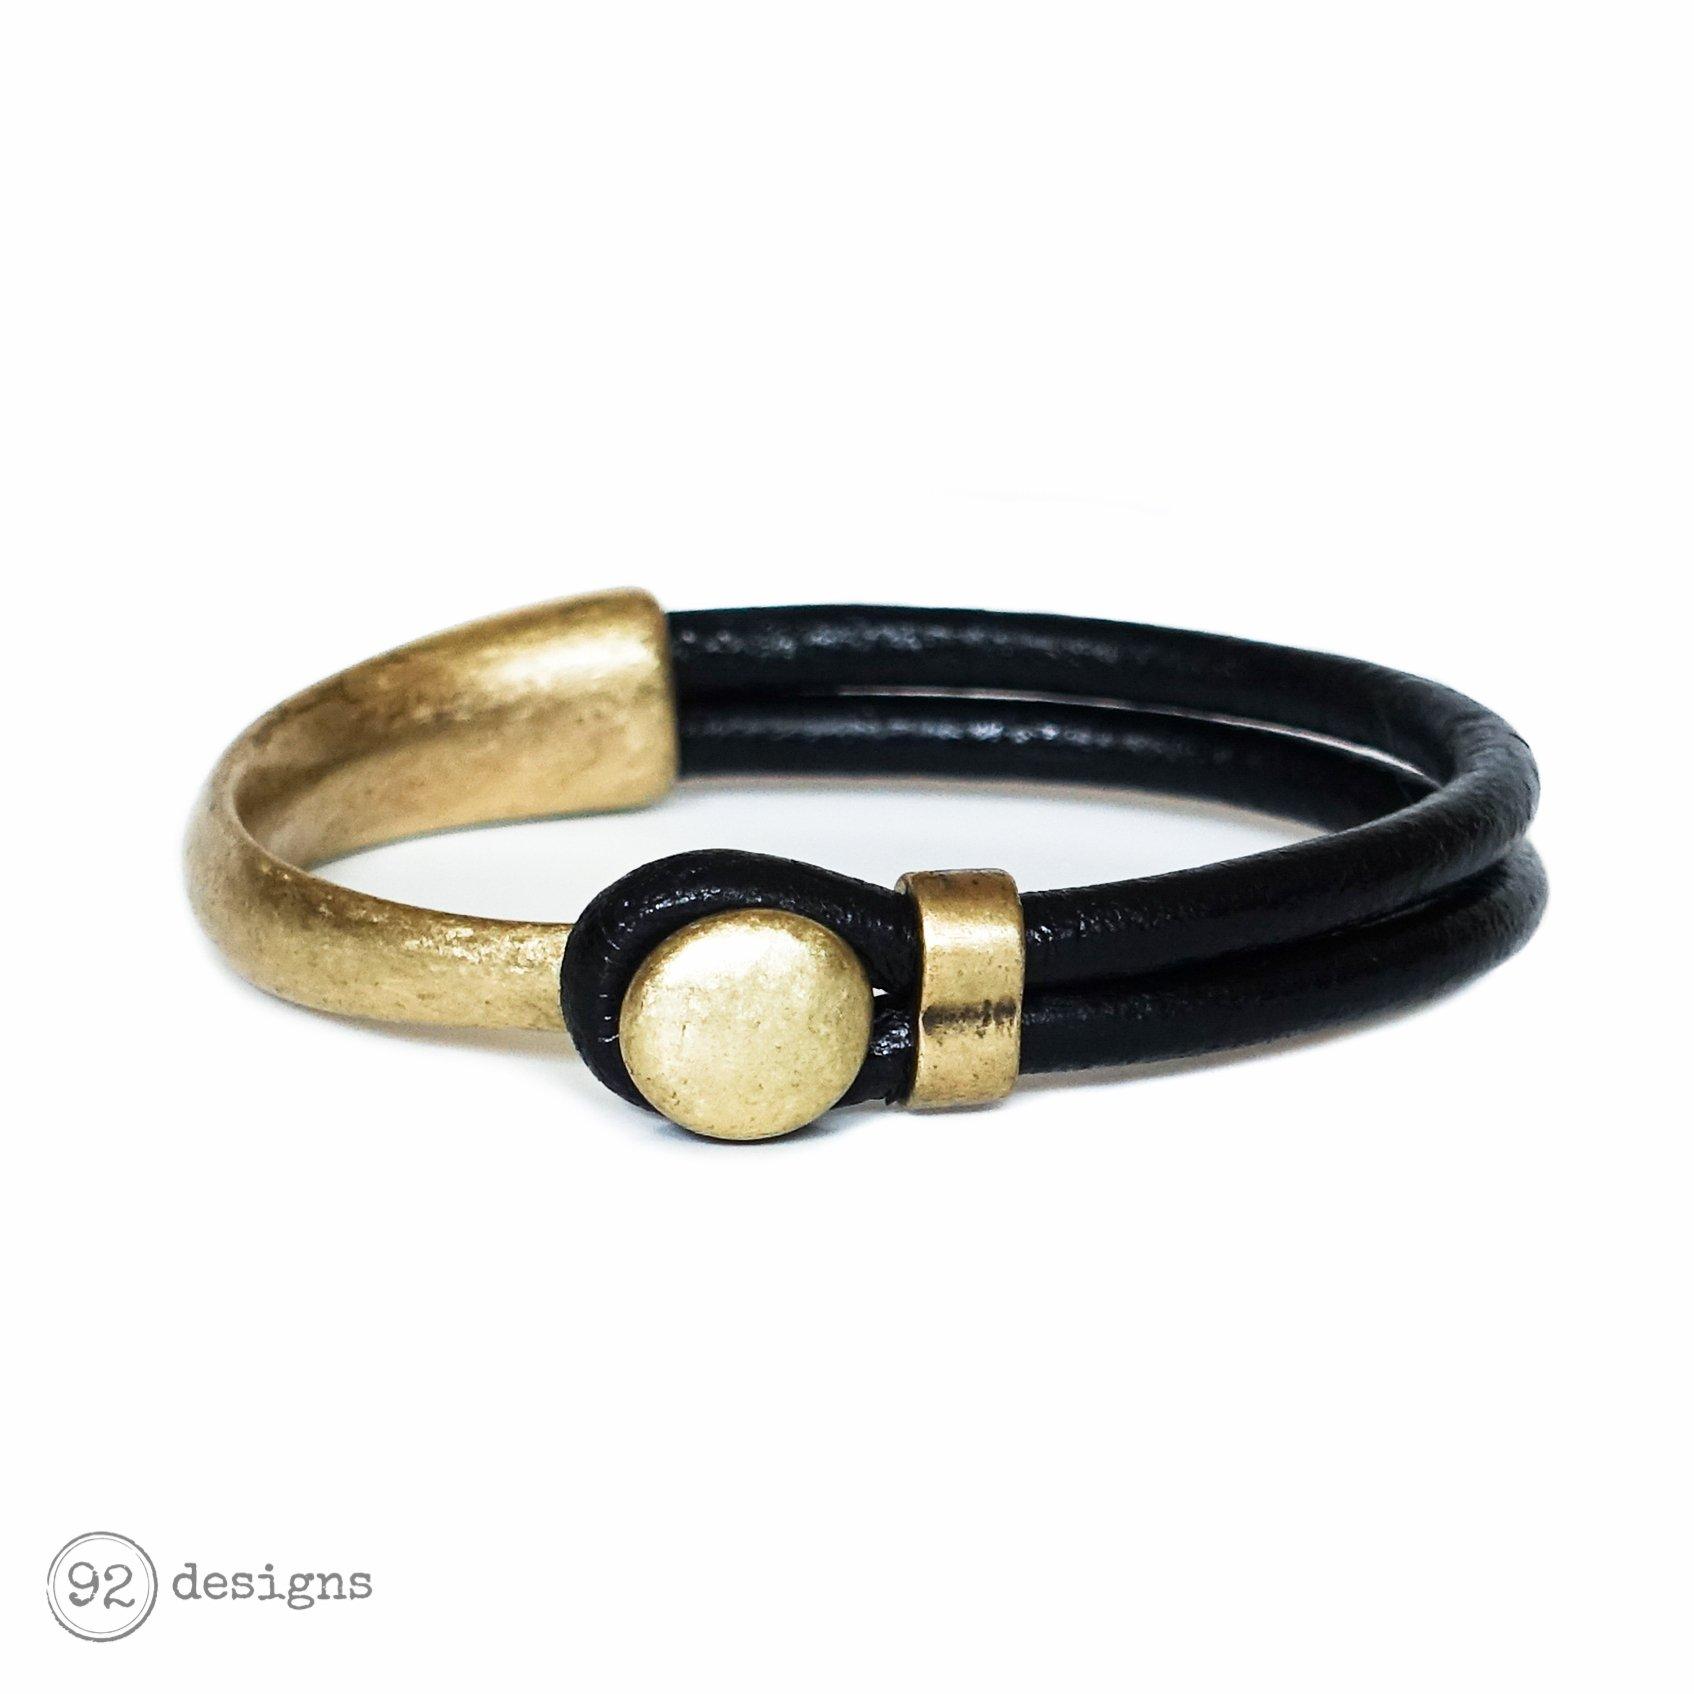 button top bracelet - antique brass/black